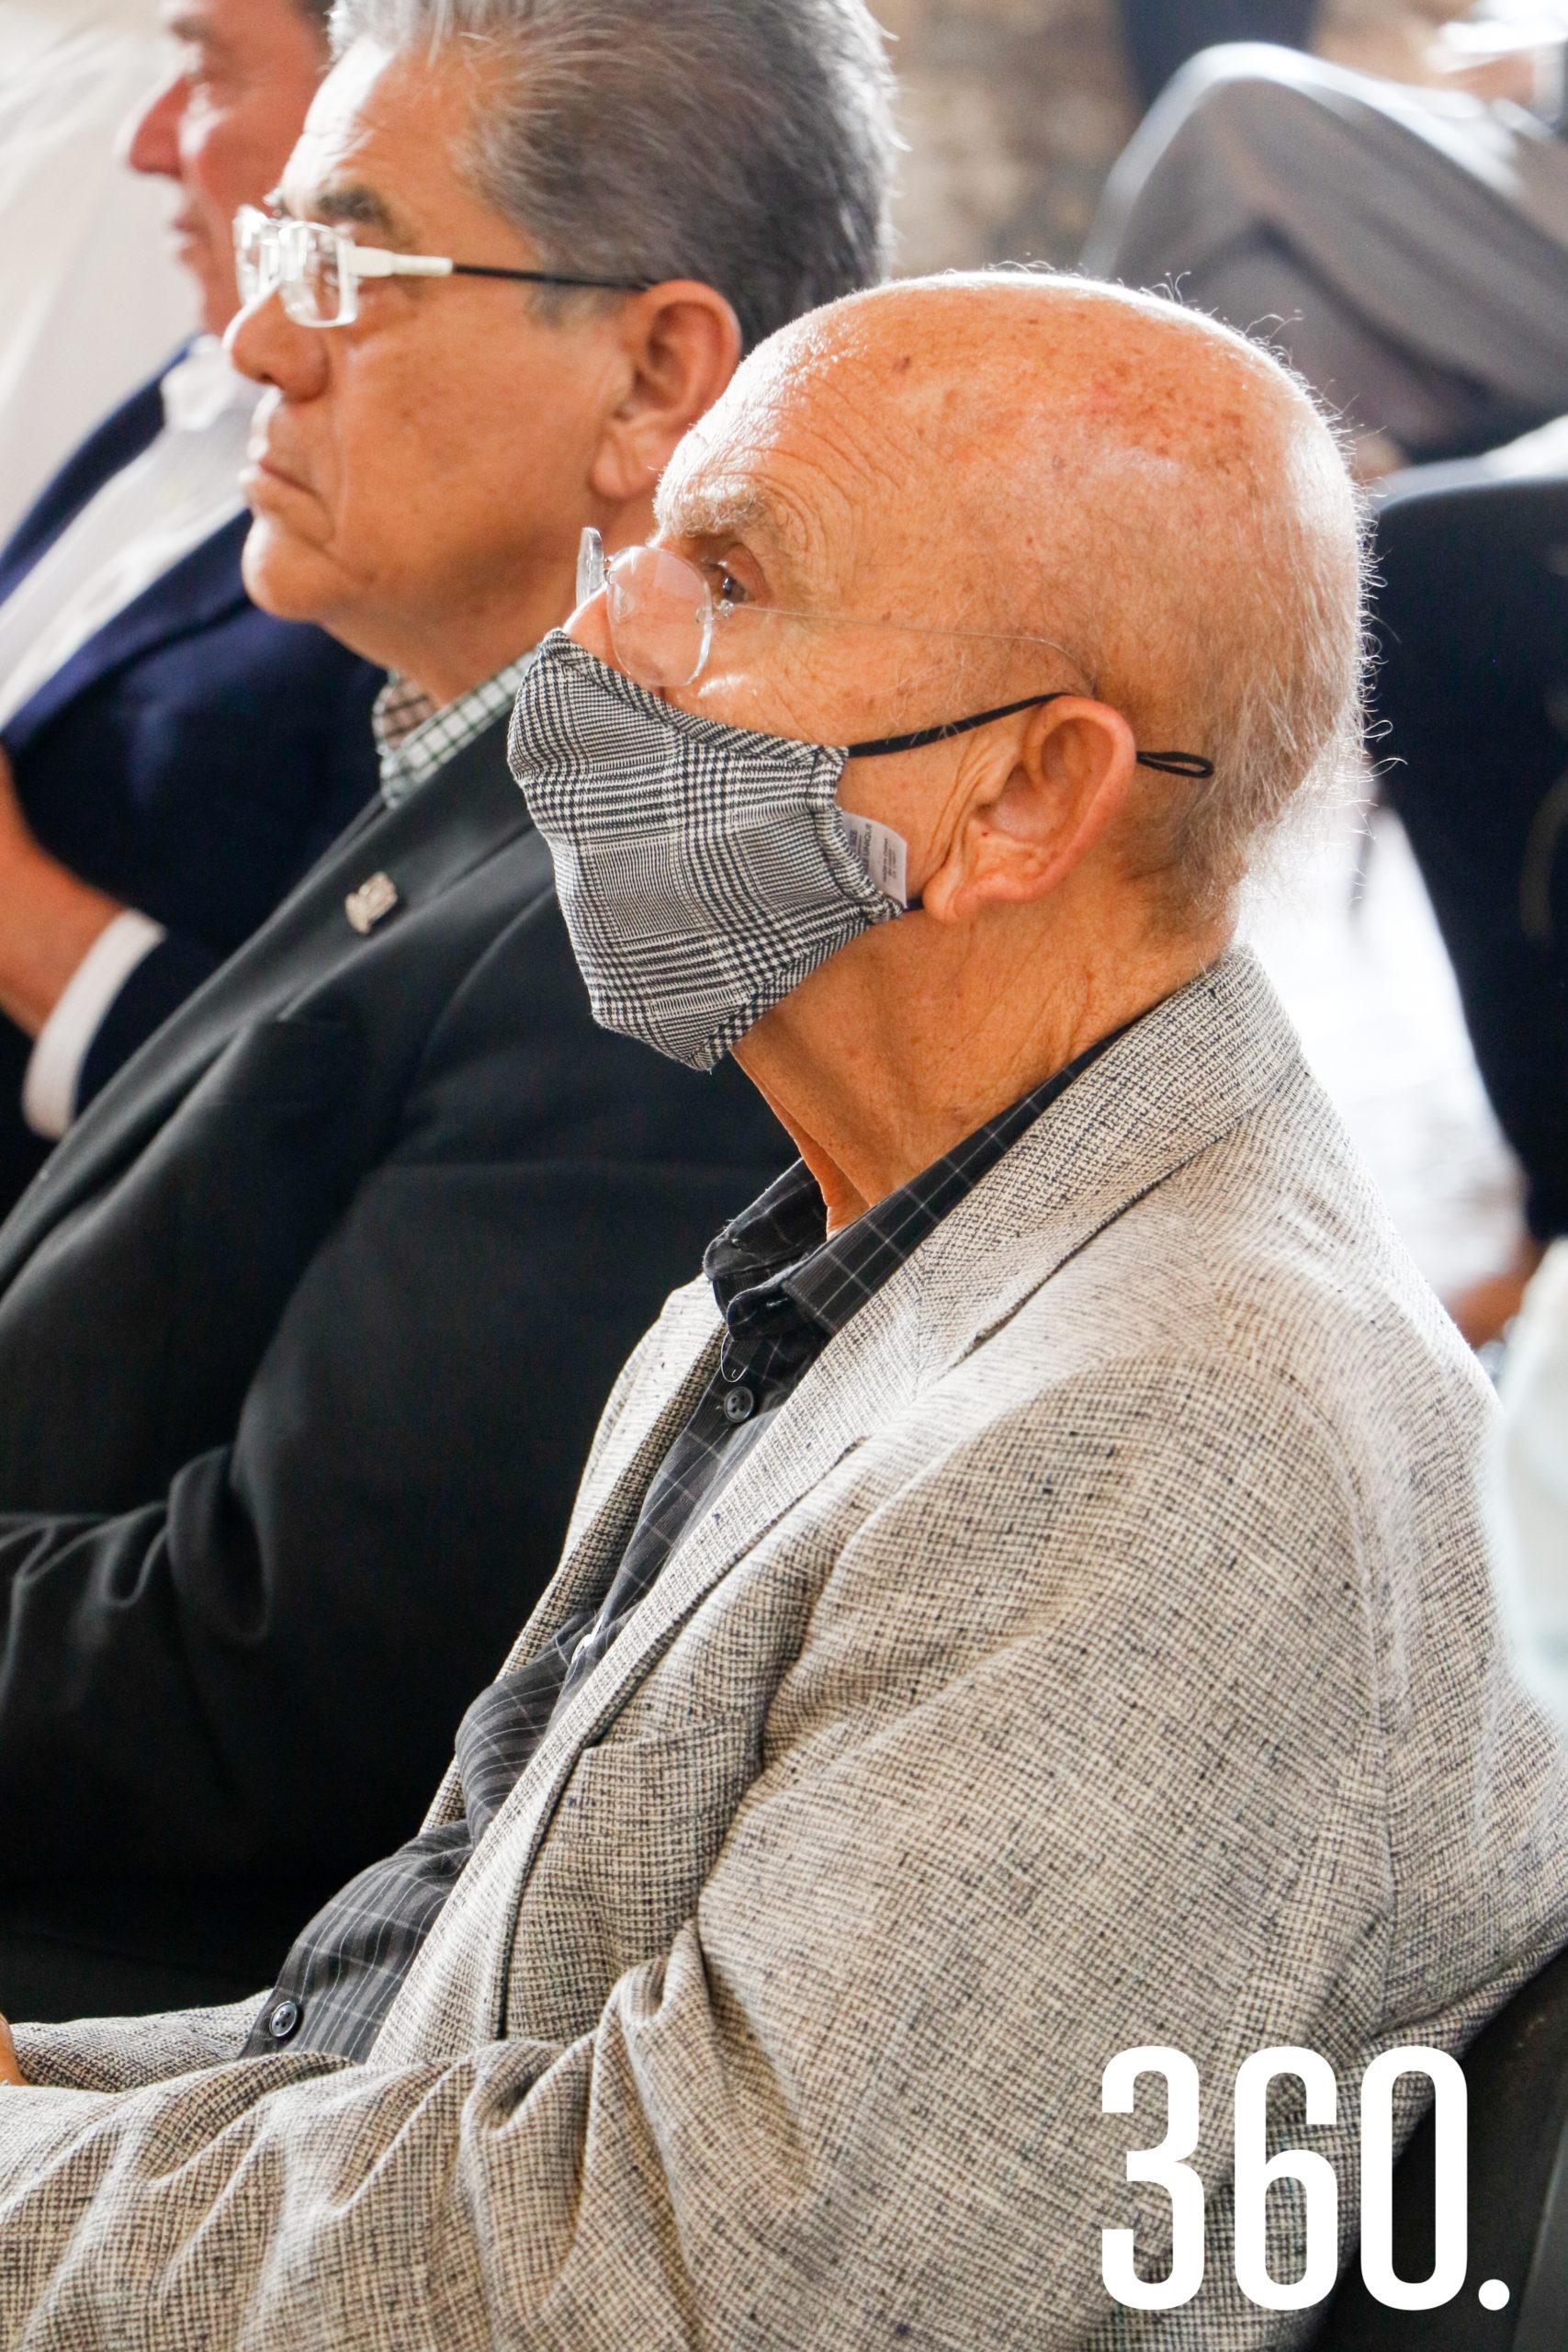 Karim Saade.